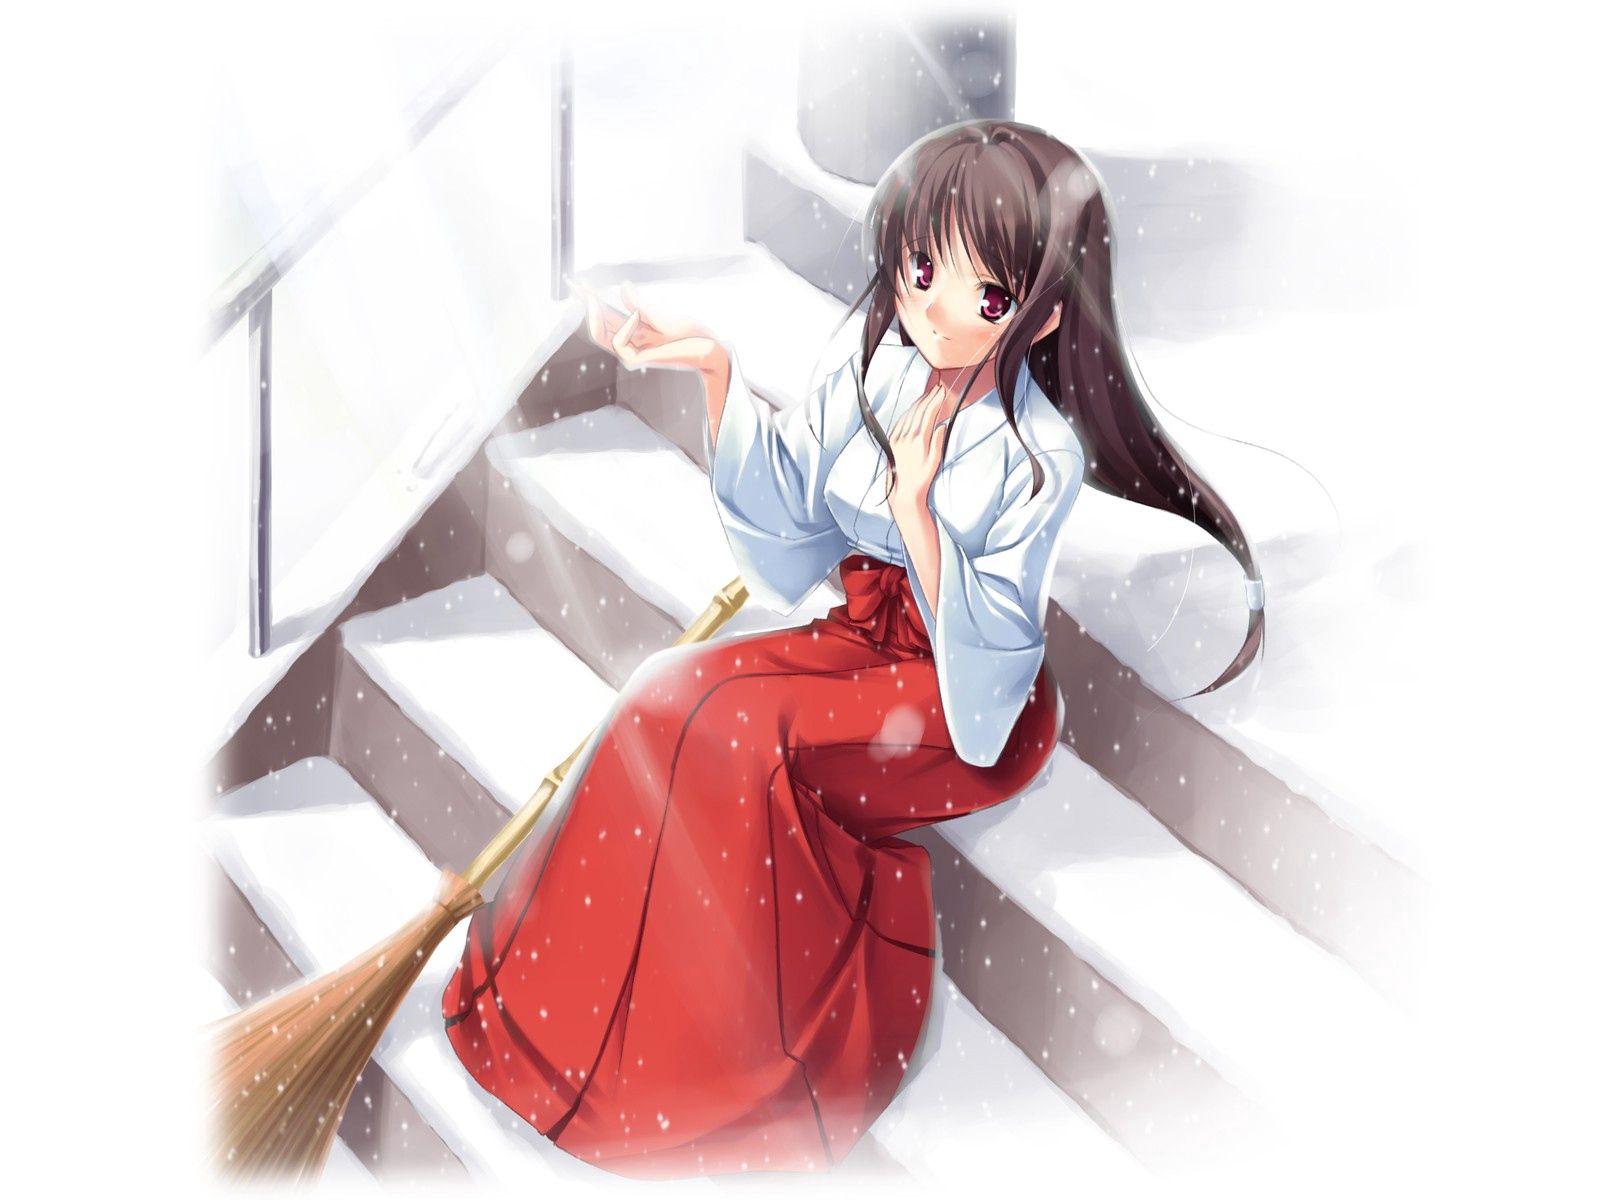 146800壁紙のダウンロード日本製アニメ, 女の子, 着物, 雪-スクリーンセーバーと写真を無料で